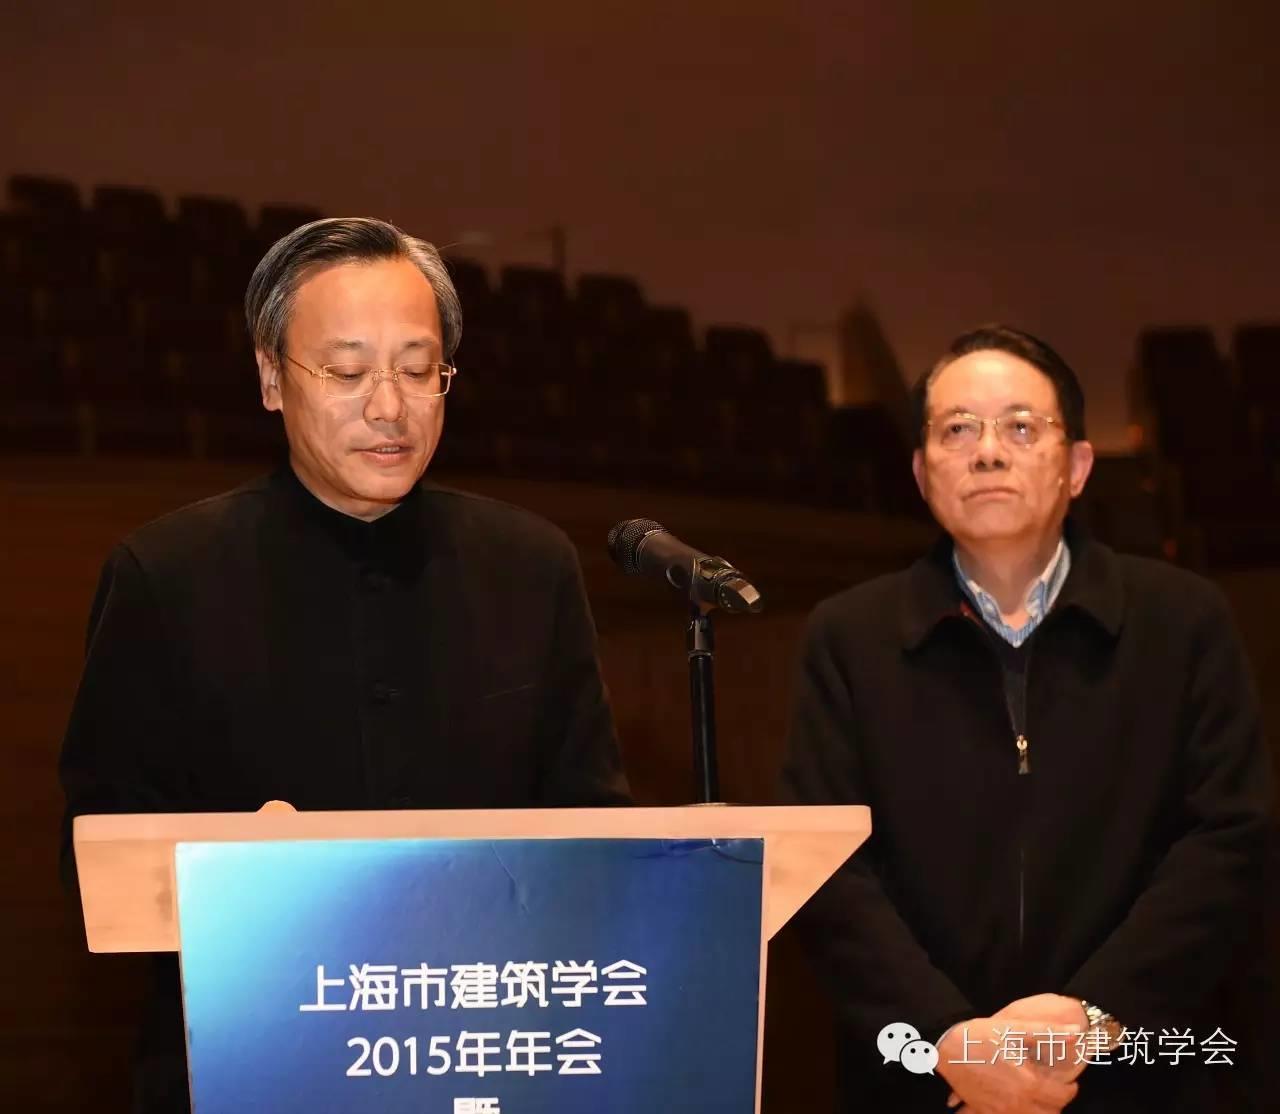 LDG新闻︱上海建筑师的盛会